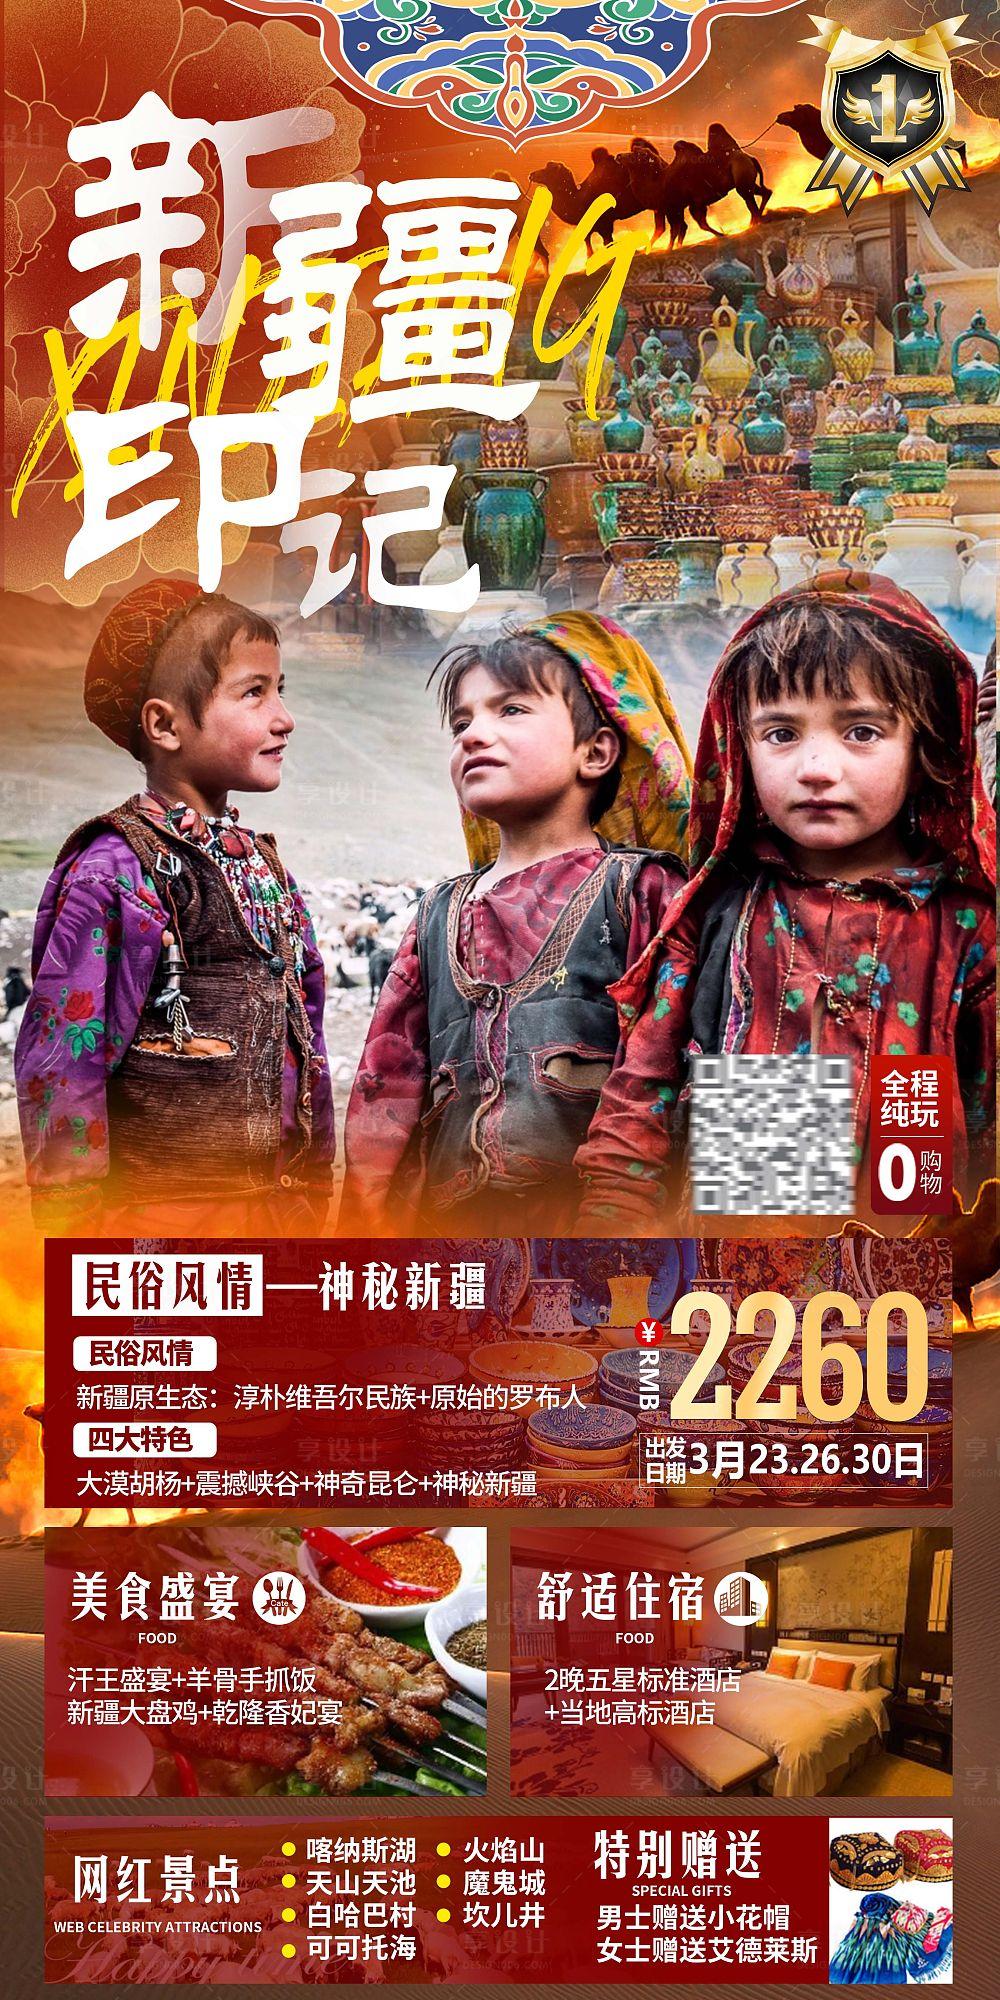 【源文件下载】 海报 新疆 旅游 南疆 异域 民族 设计作品 设计图集